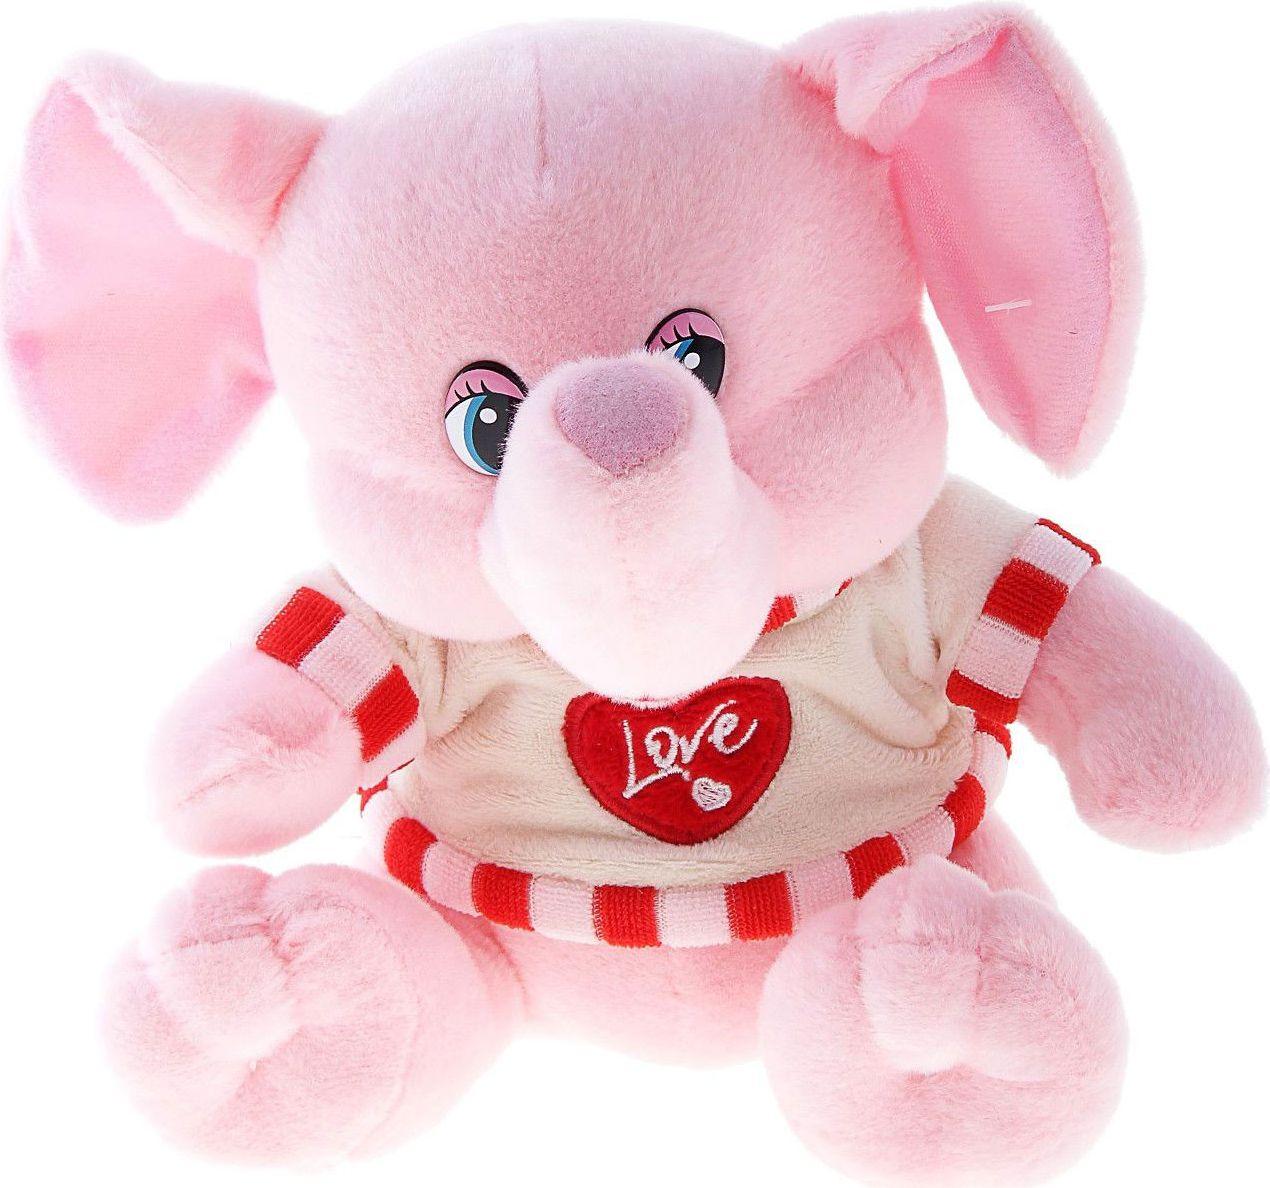 Sima-land Мягкая игрушка Слоник в кофте с сердечком 330530 sima land мягкая игрушка глазастый петушок в шарфе и с бантиком